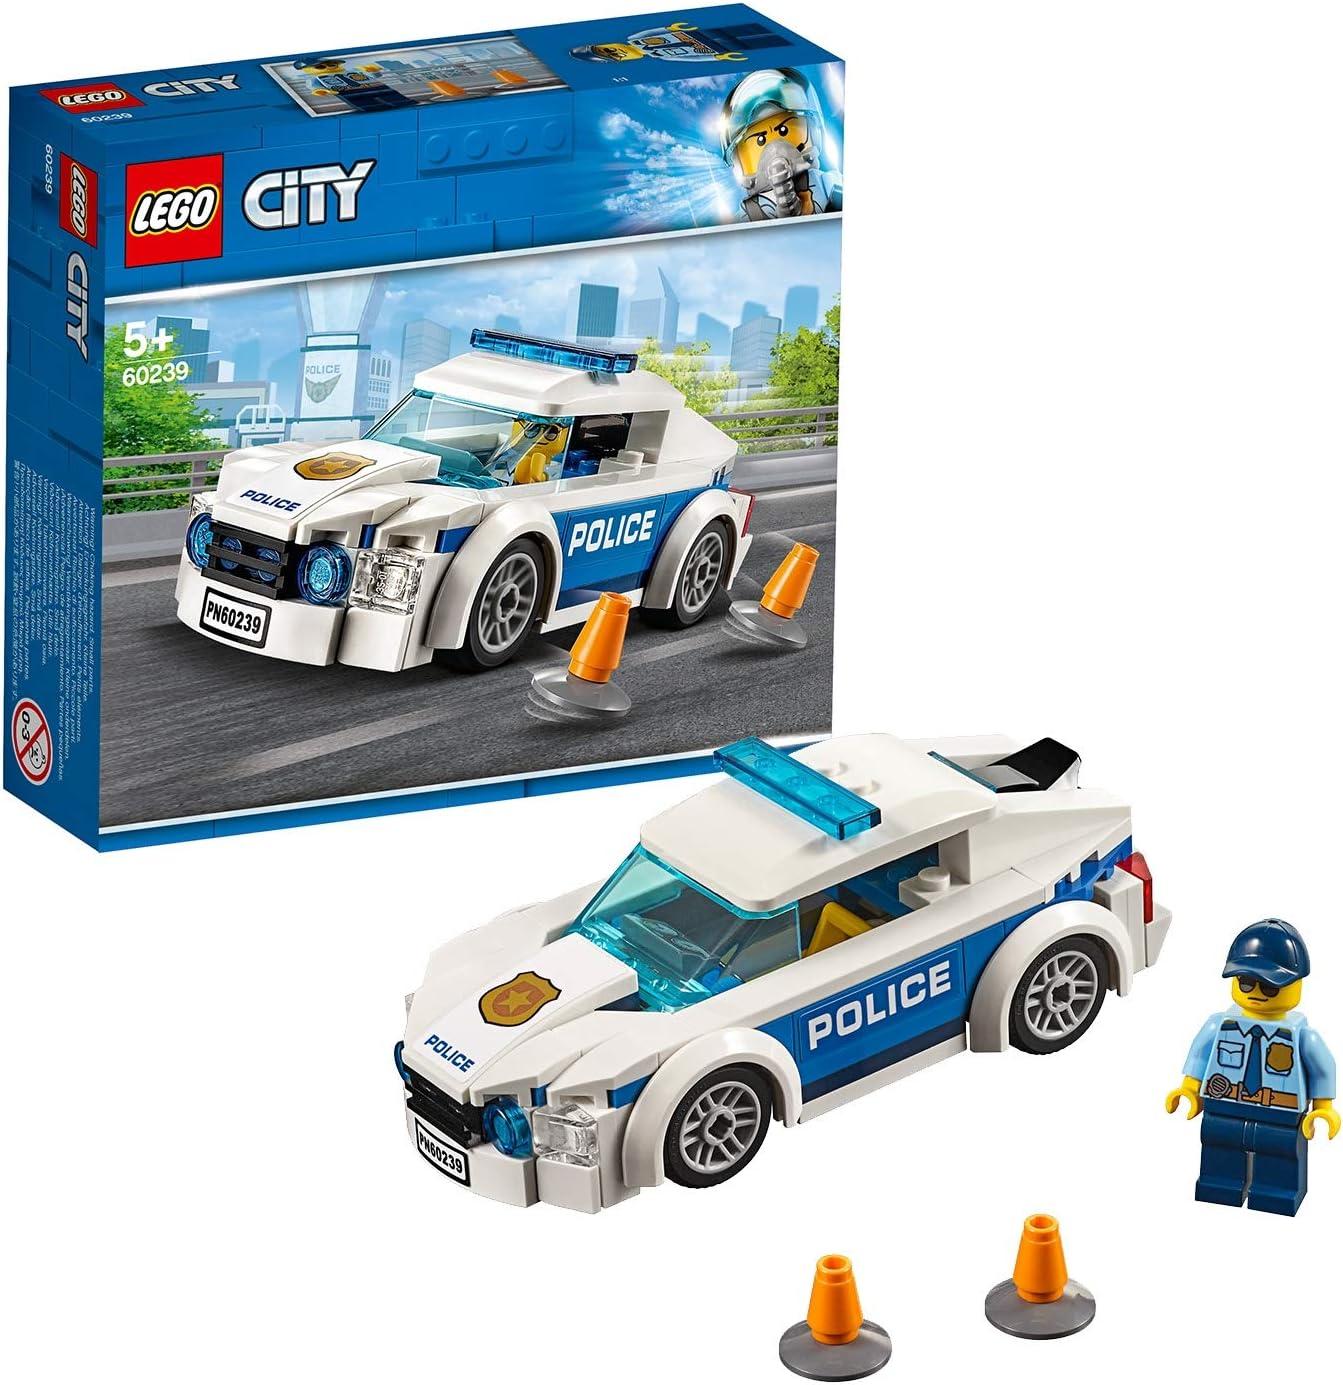 LEGO City - Police Coche Patrulla de La Policía, Juguete Divertido de Construcción para Niños y Niñas de Aventuras de Vehículo Policial (60239)